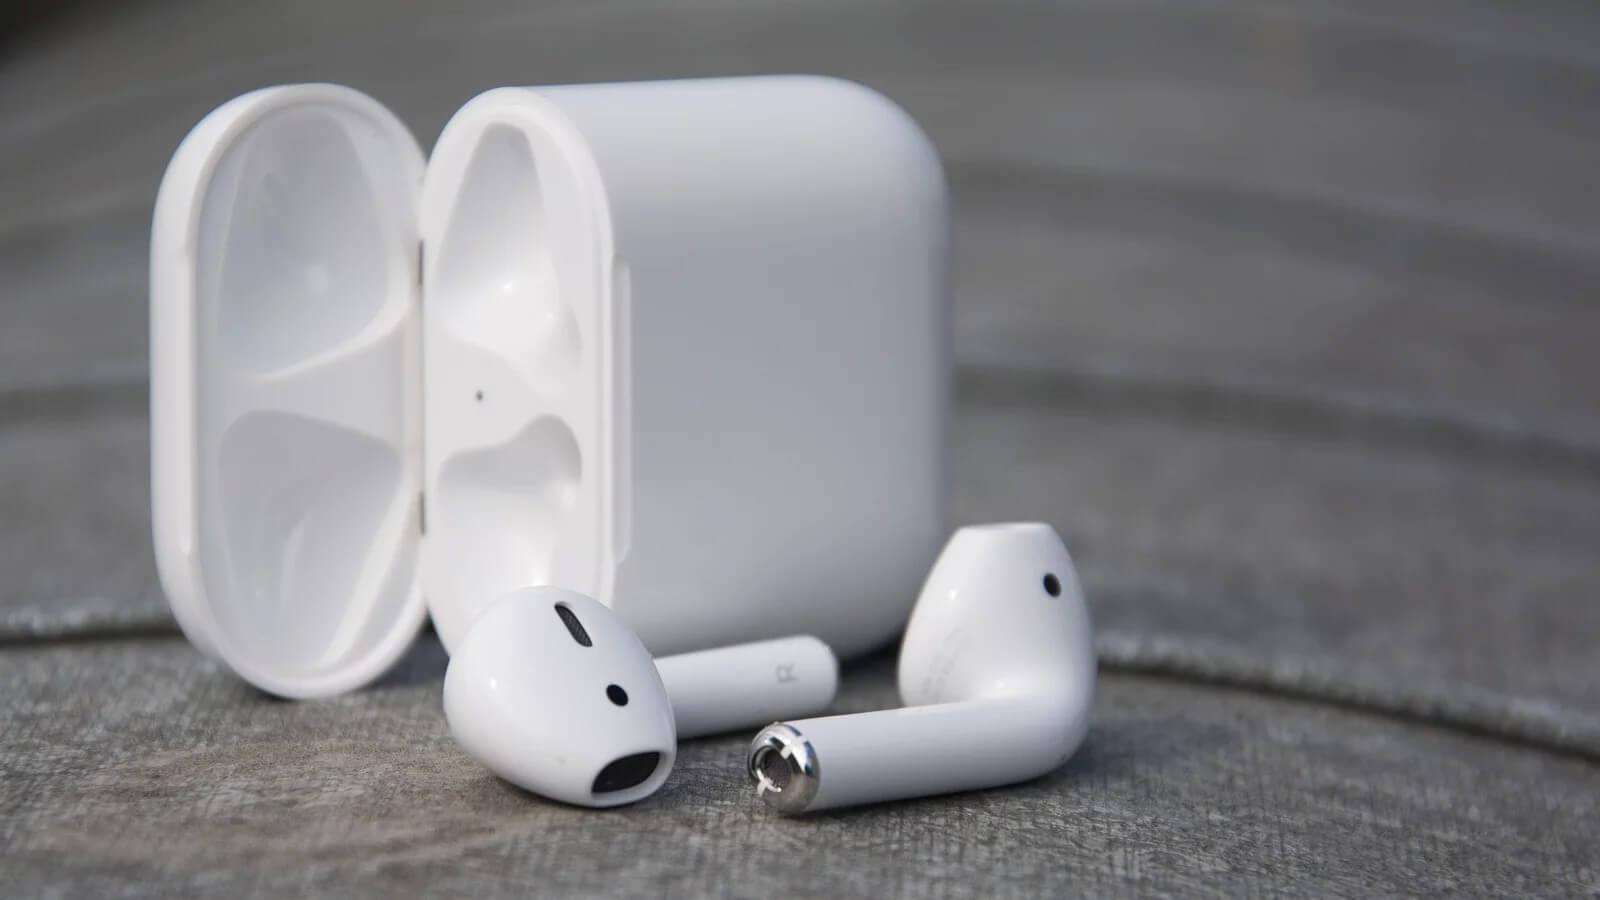 Новое поколение беспроводных наушников Apple может получить быструю  беспроводную зарядку. Об этом сообщил инсайдер Макс Вайнбах на своей  странице в Twitter. dc830581de77c